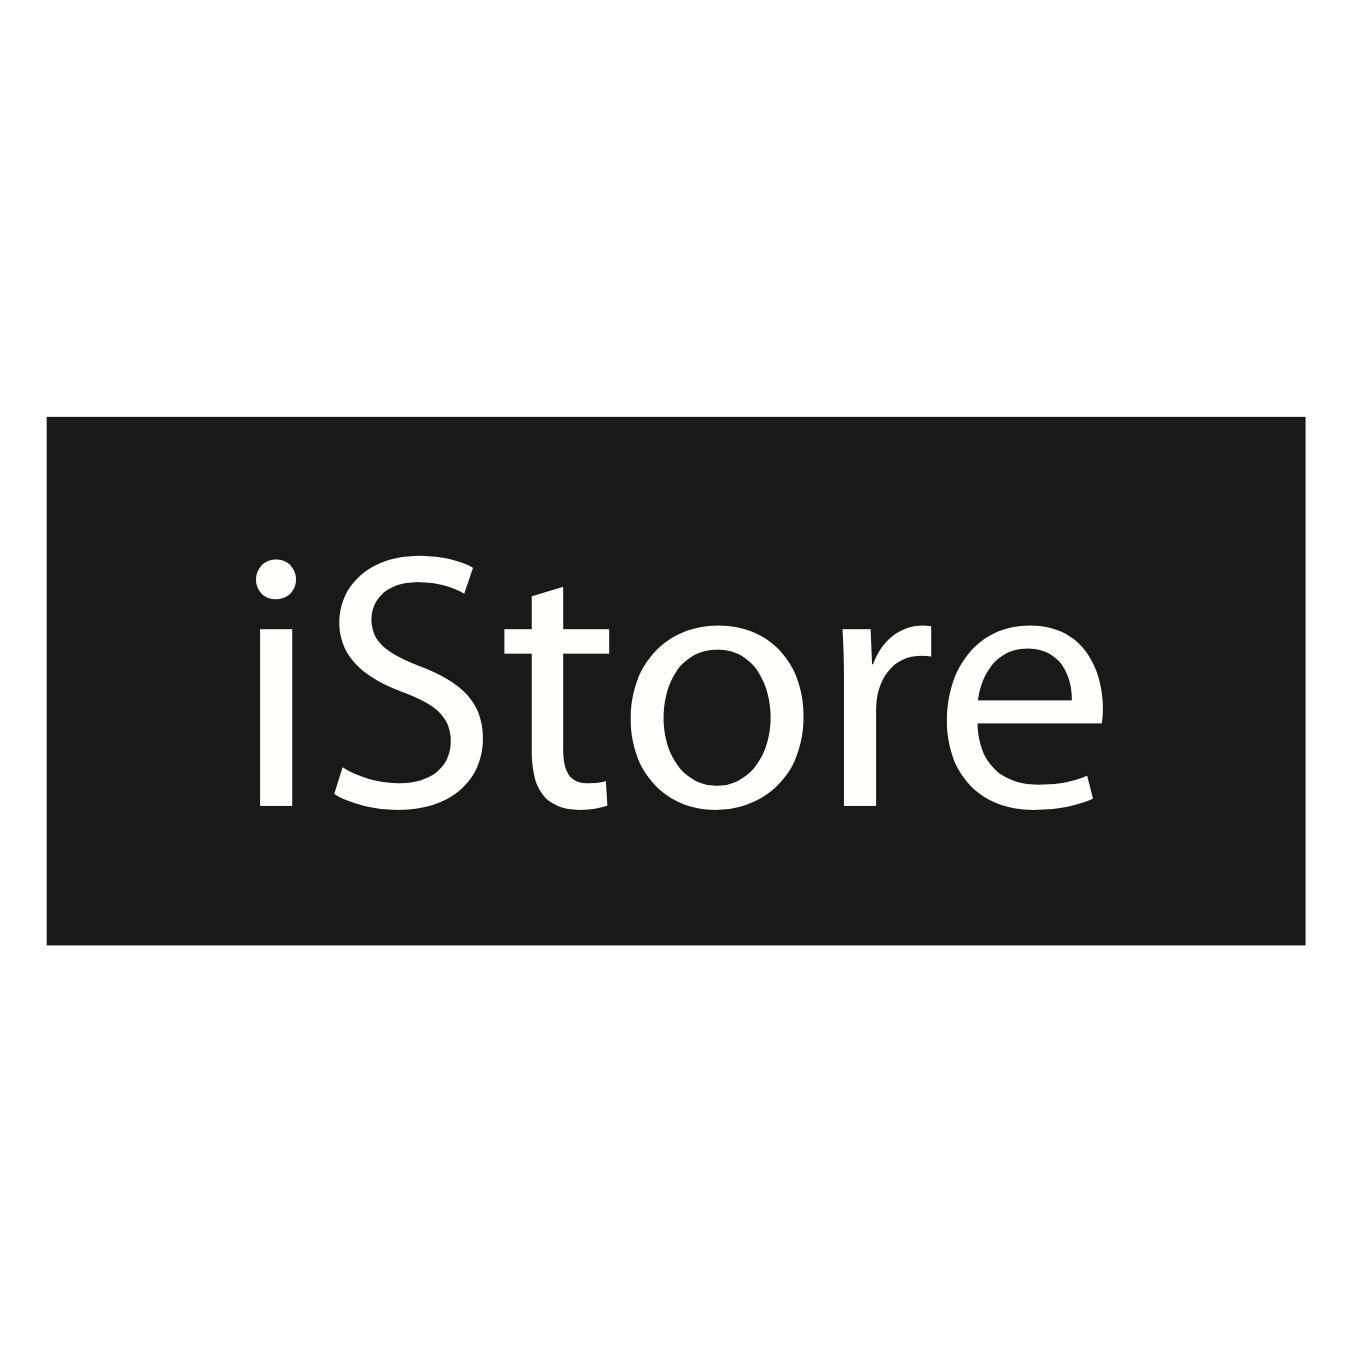 iPad Air (3rd gen) Wi-Fi + Cellular 256GB - Silver